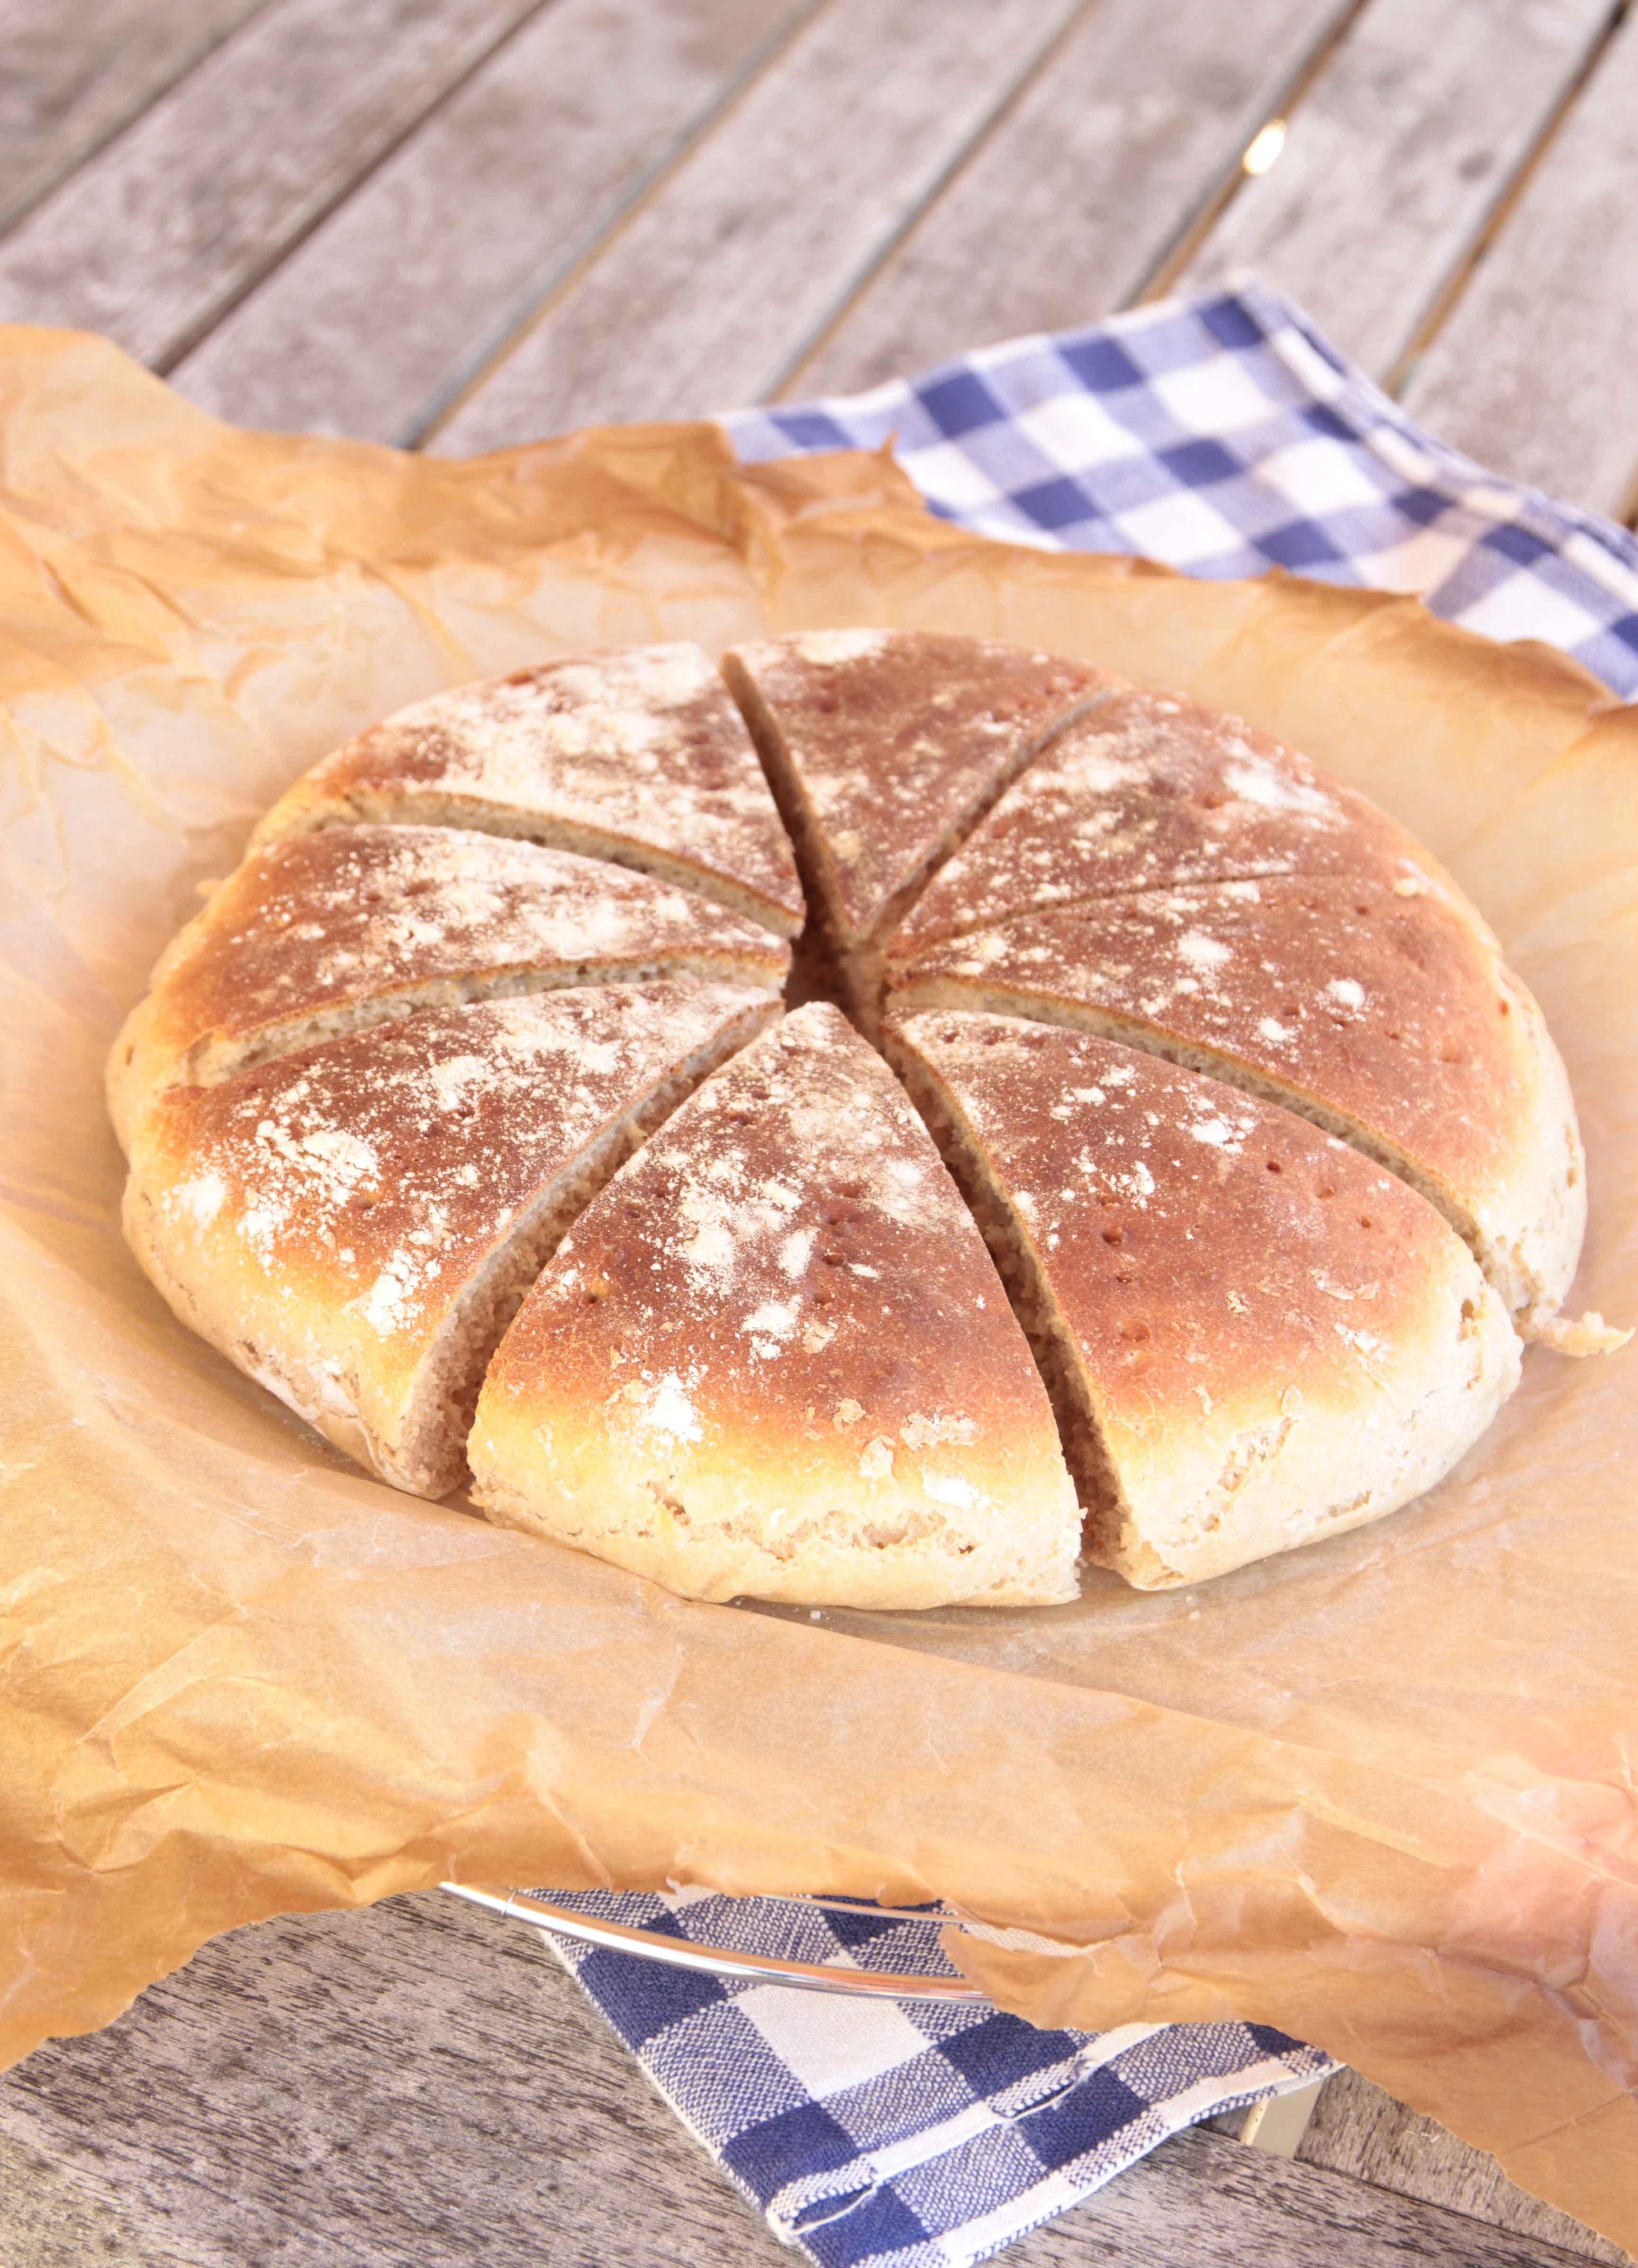 snabbt gott bröd